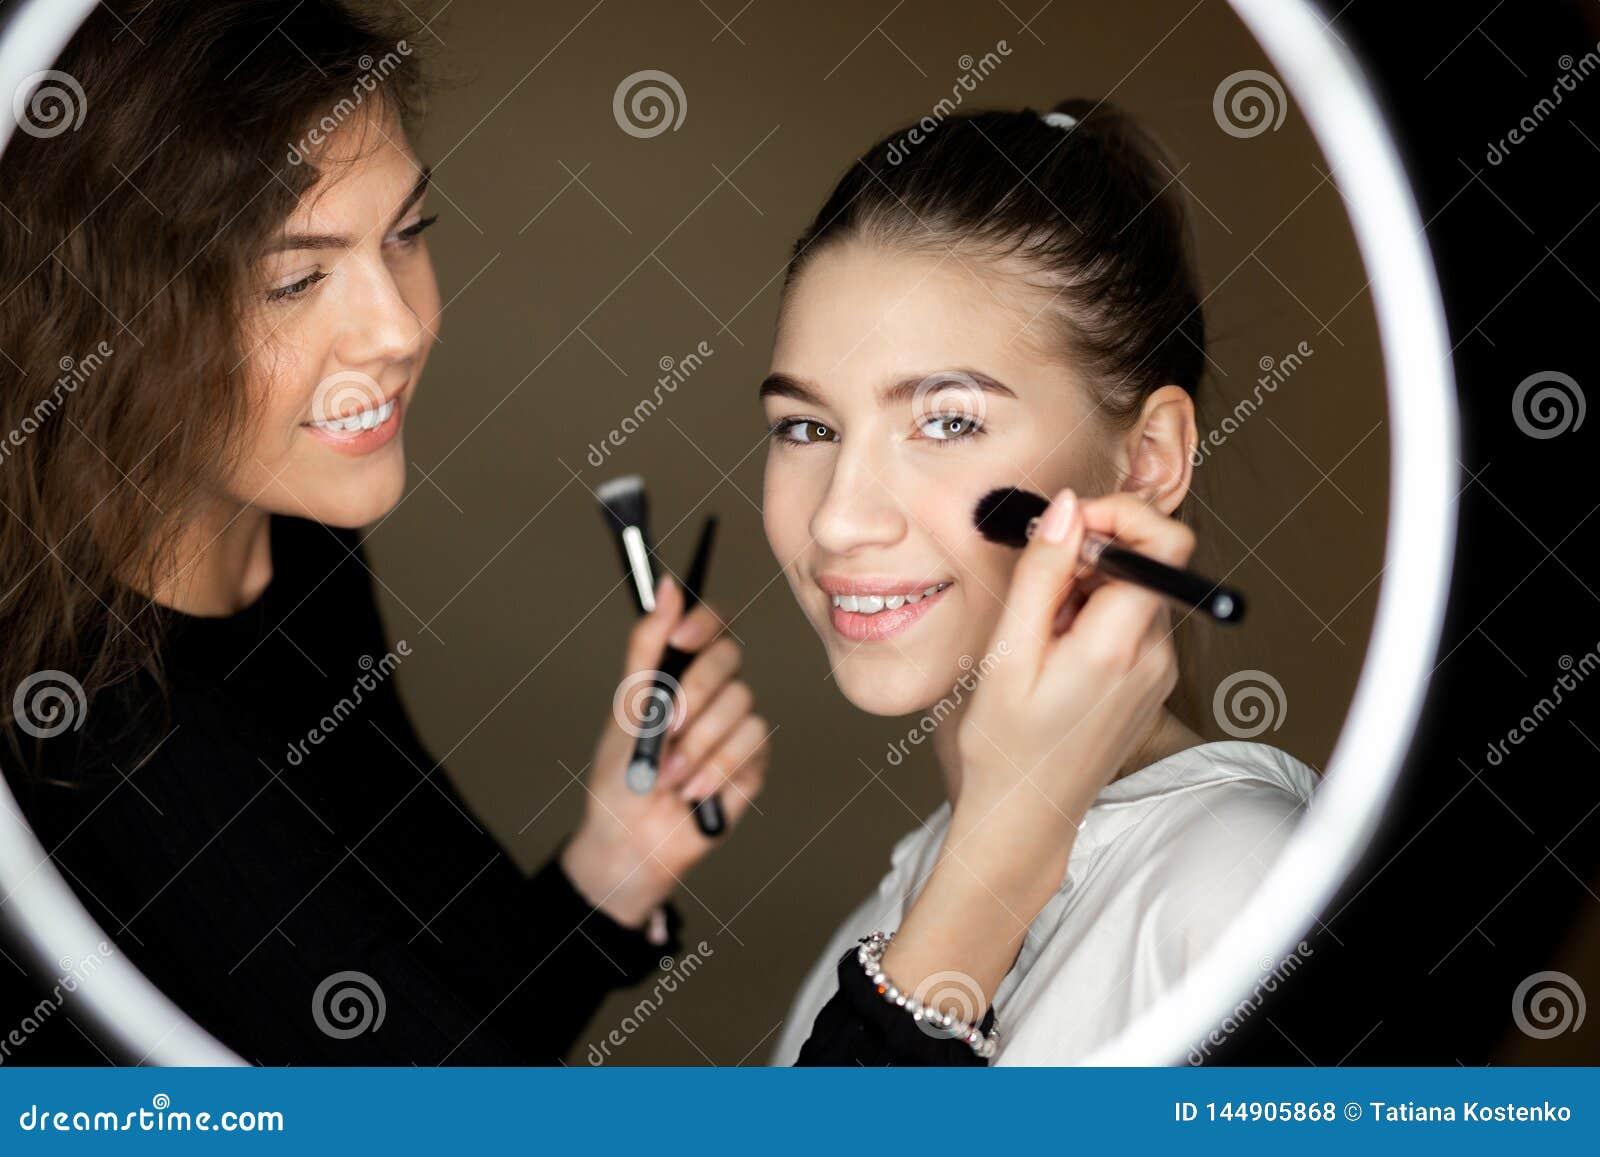 La r?flexion dans le miroir du maquilleur la fille avec du charme fait le maquillage ? une belle jeune fille